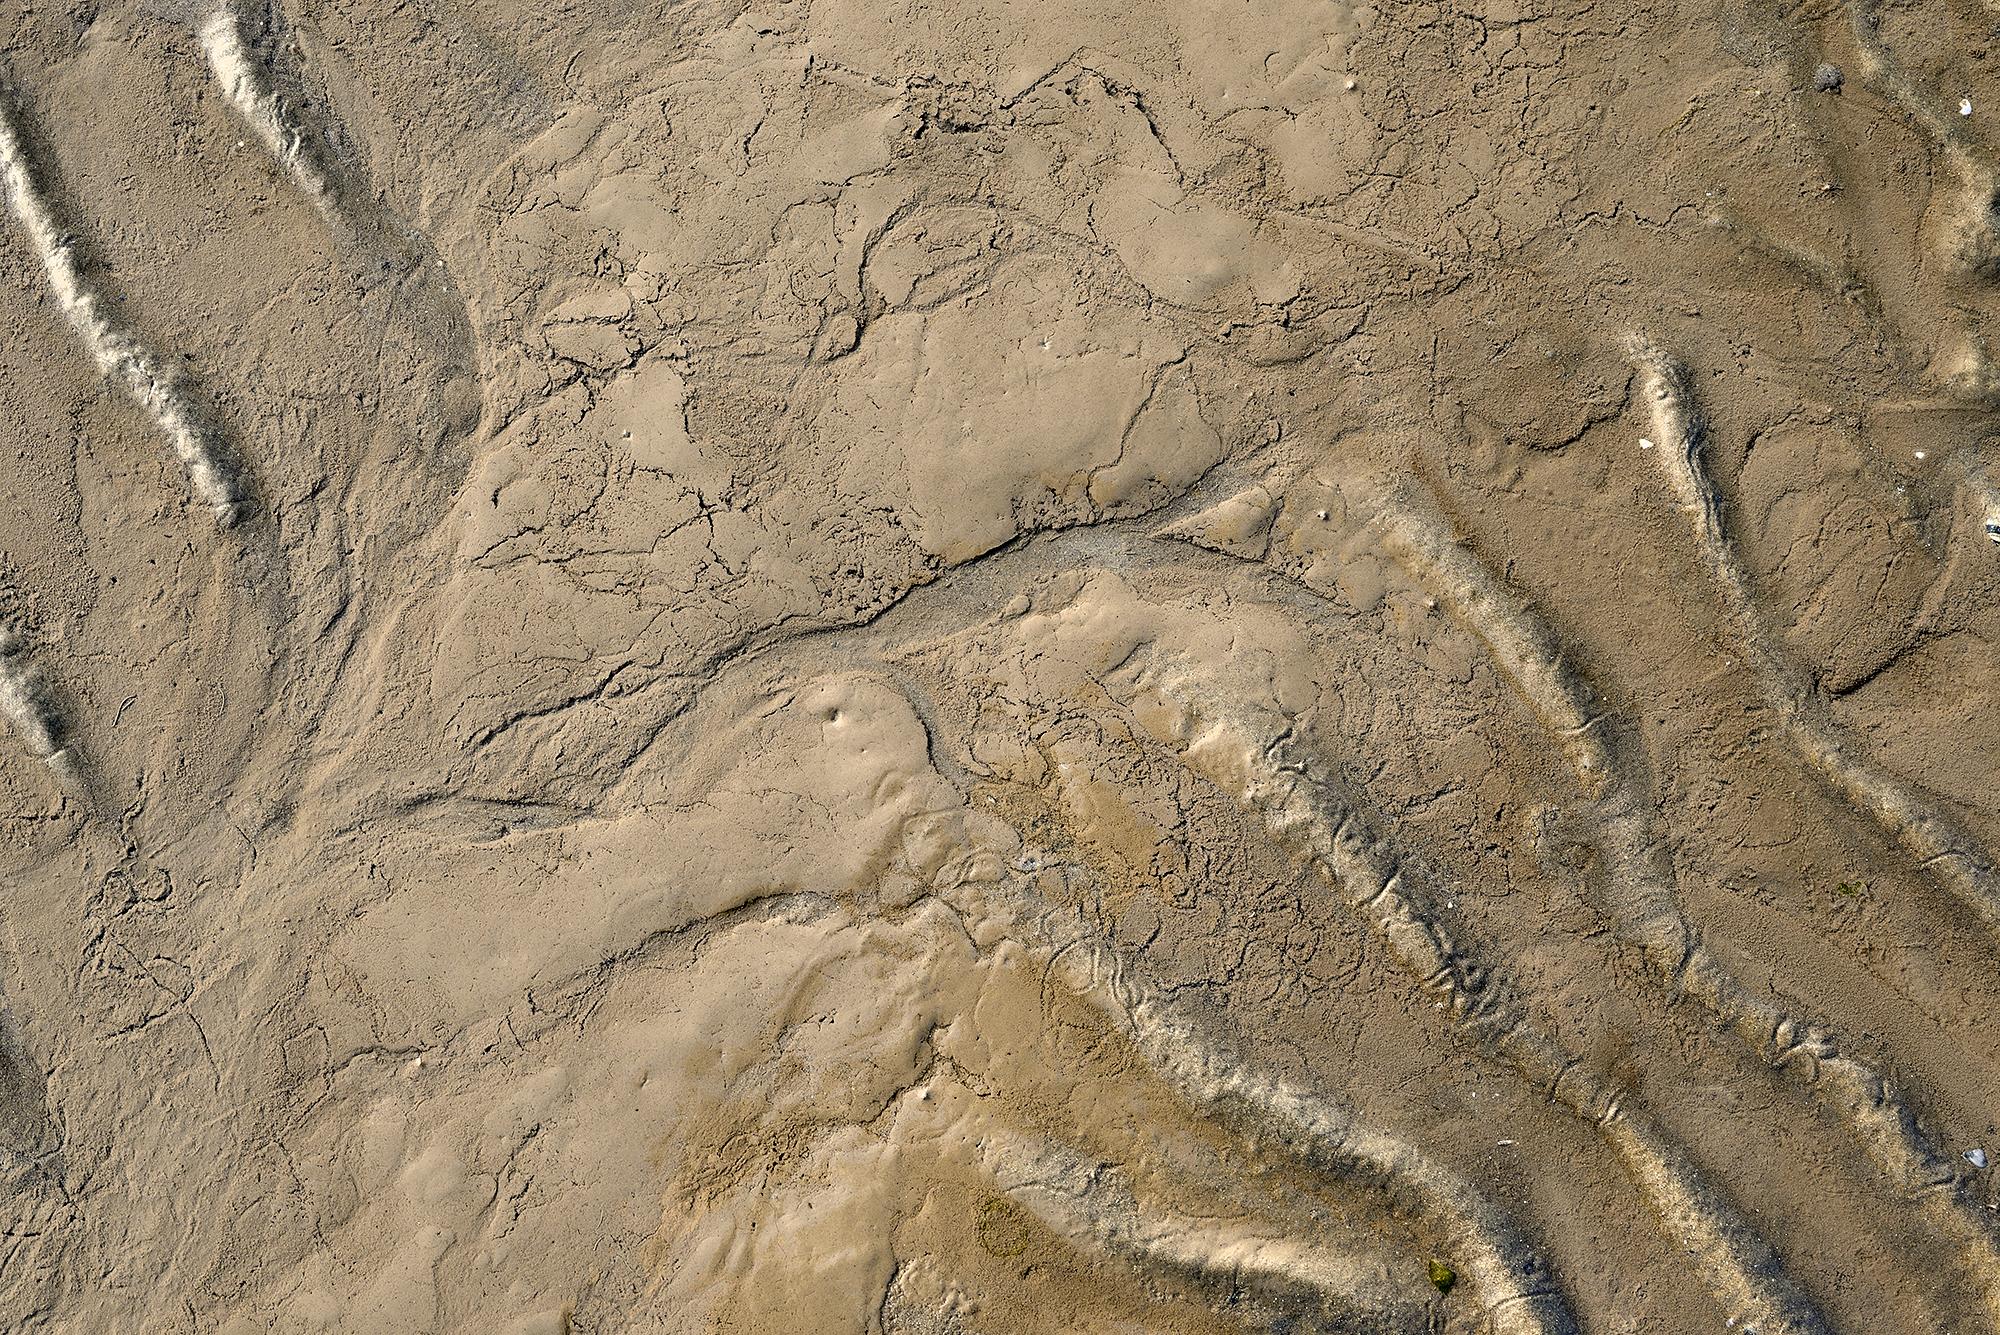 Lijnen en patronen in het zand en slik tijdens laagwater op het strand van de Kwade Hoek in de Duinen van Goeree.